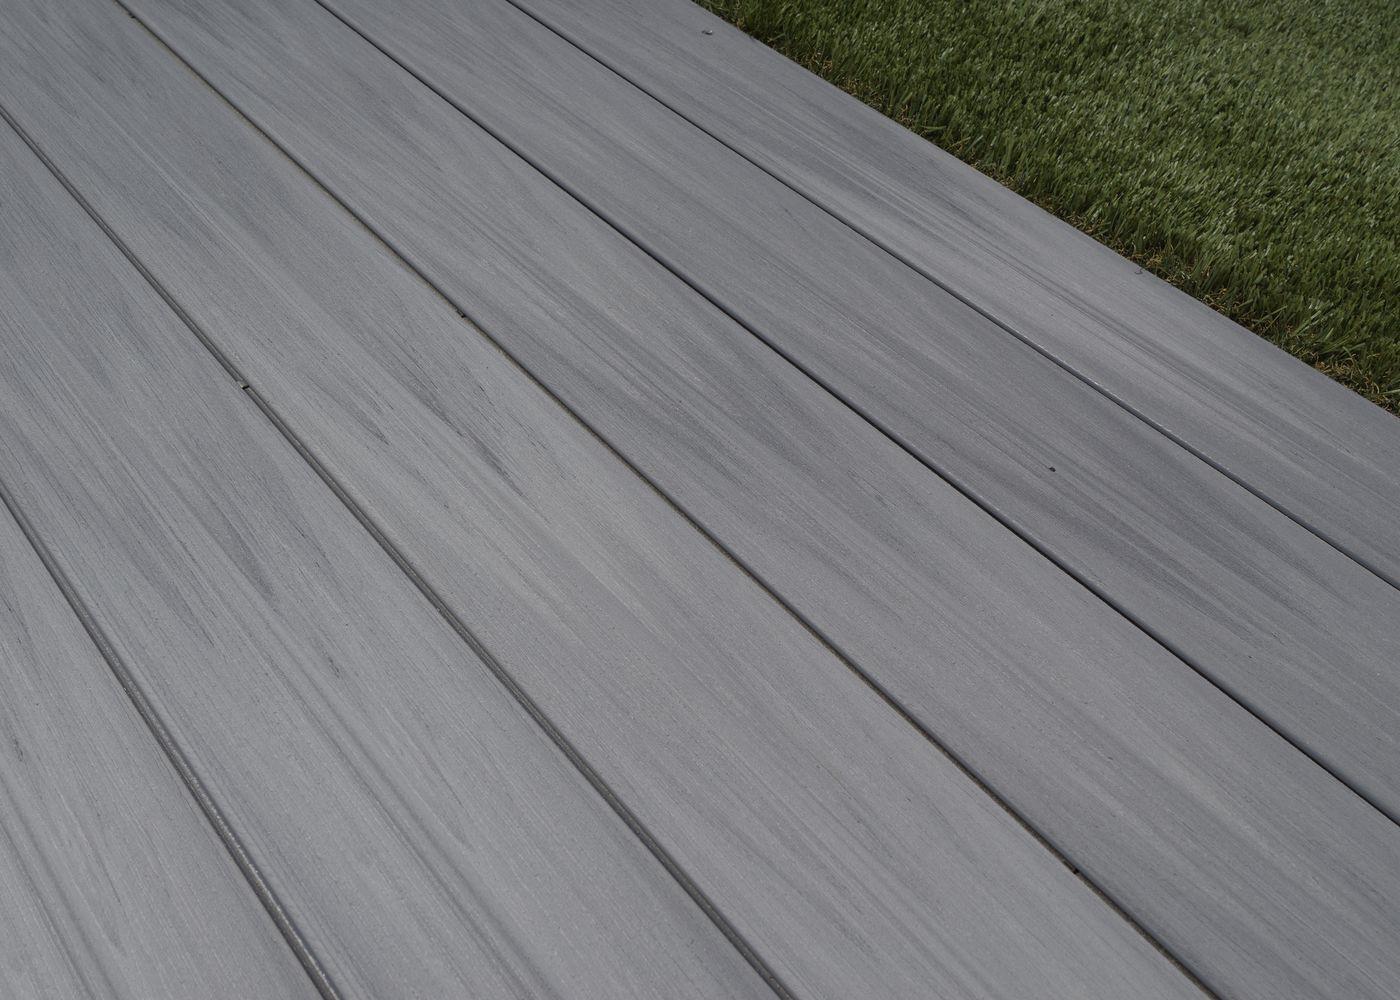 Terrasse Composite Co-Extrudé Gris Ushuaia à Terrasse Bois Composite